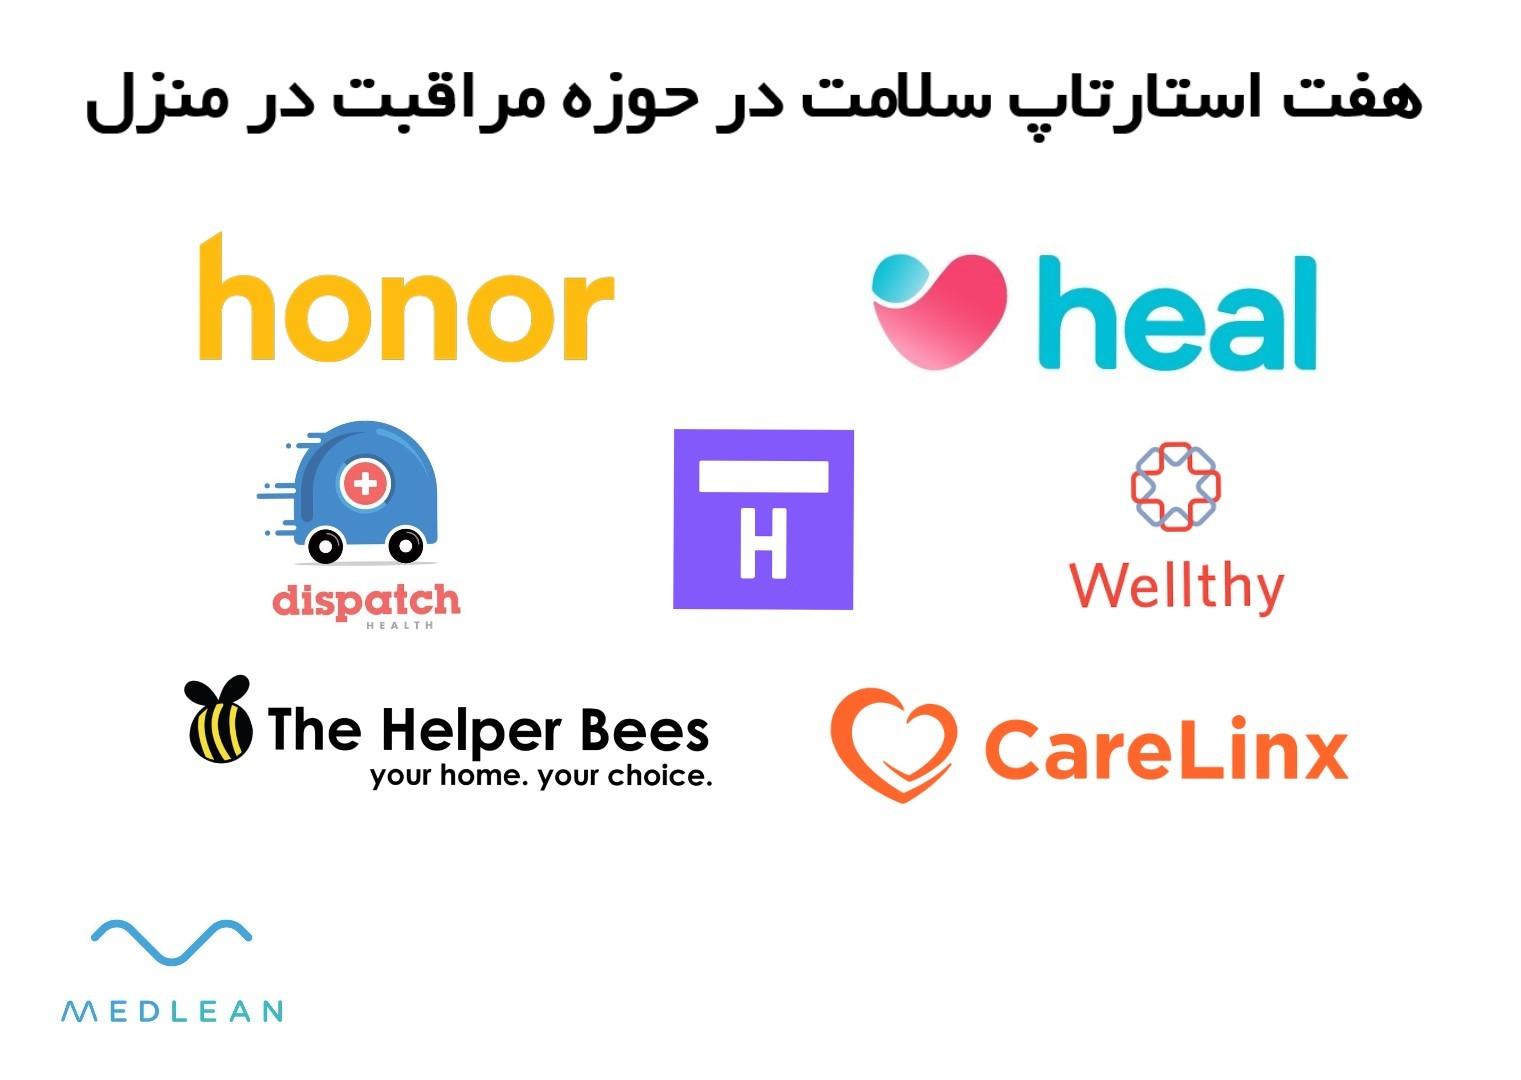 معرفی هفت استارتاپ سلامت در حوزه مراقبت در منزل